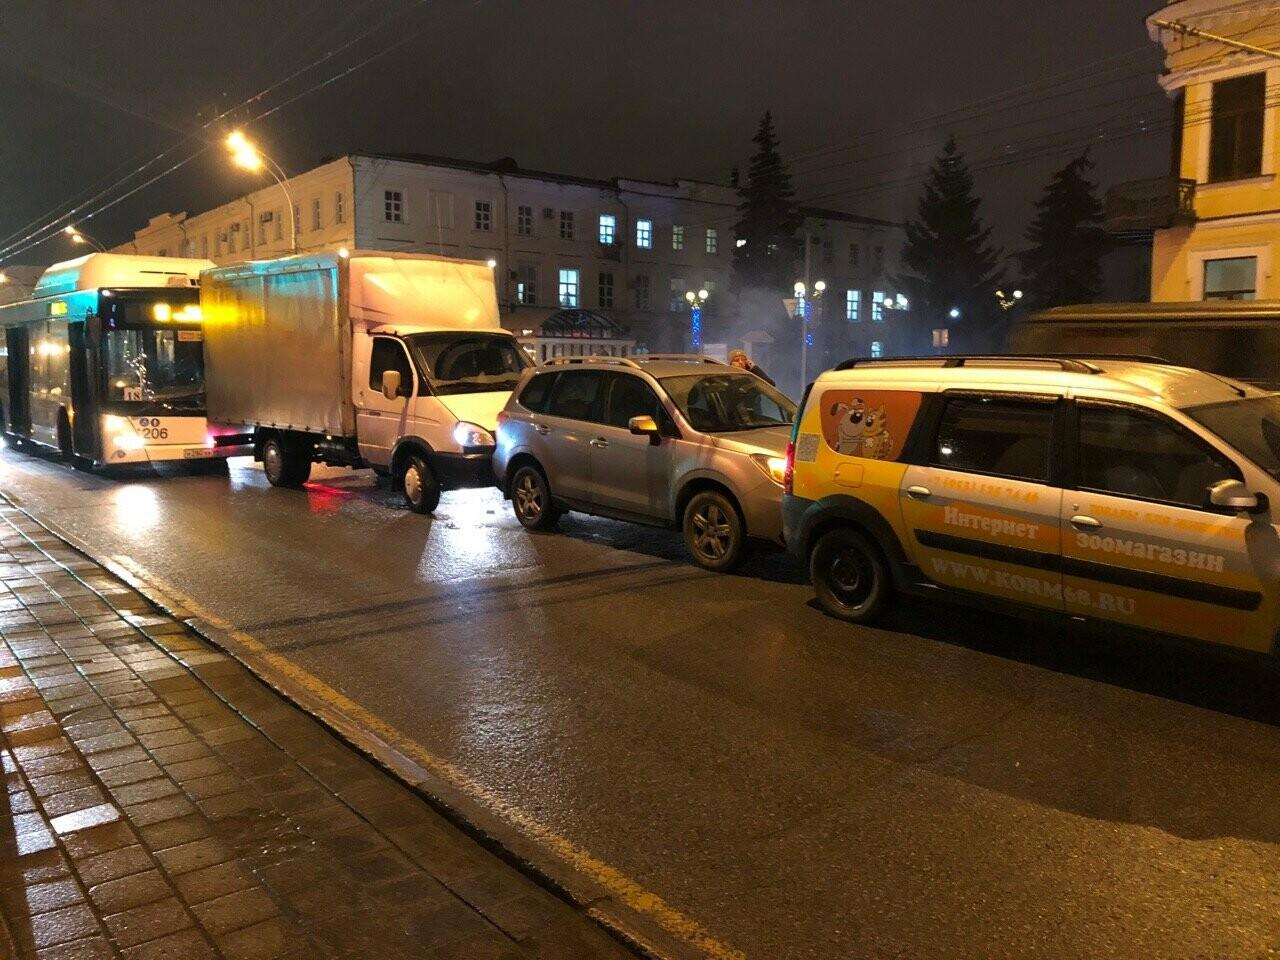 Тамбов парализовало после ледяного дождя: движение на дорогах затруднено, коммунальщики борются с непогодой, фото-1